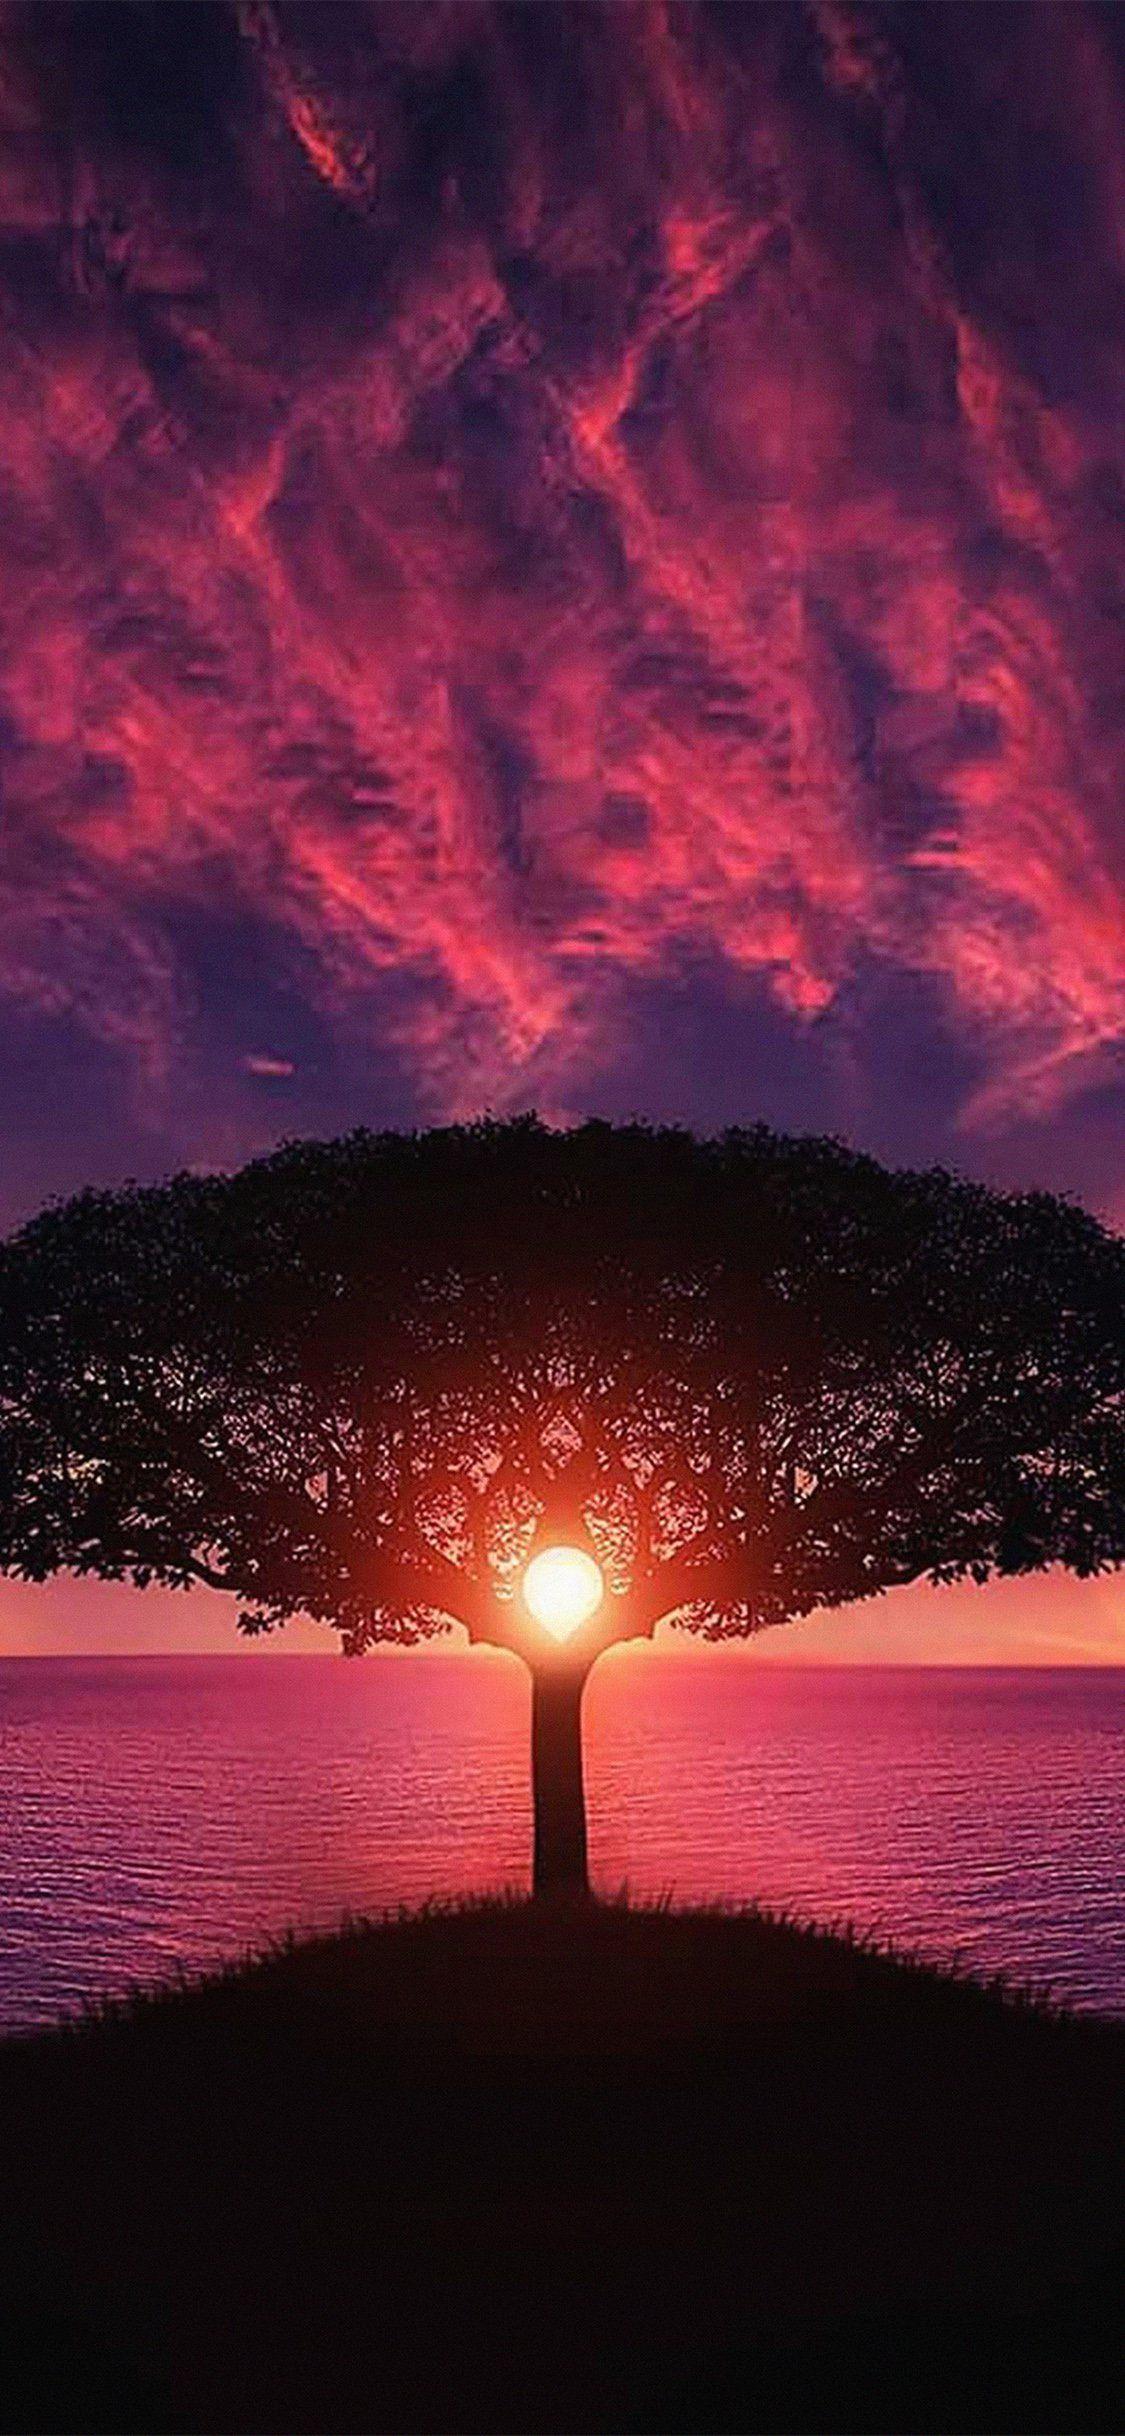 Sea Tree Purple Sky Iphone X Lindas Paisagens Imagens Natureza Fotografia De Paisagem